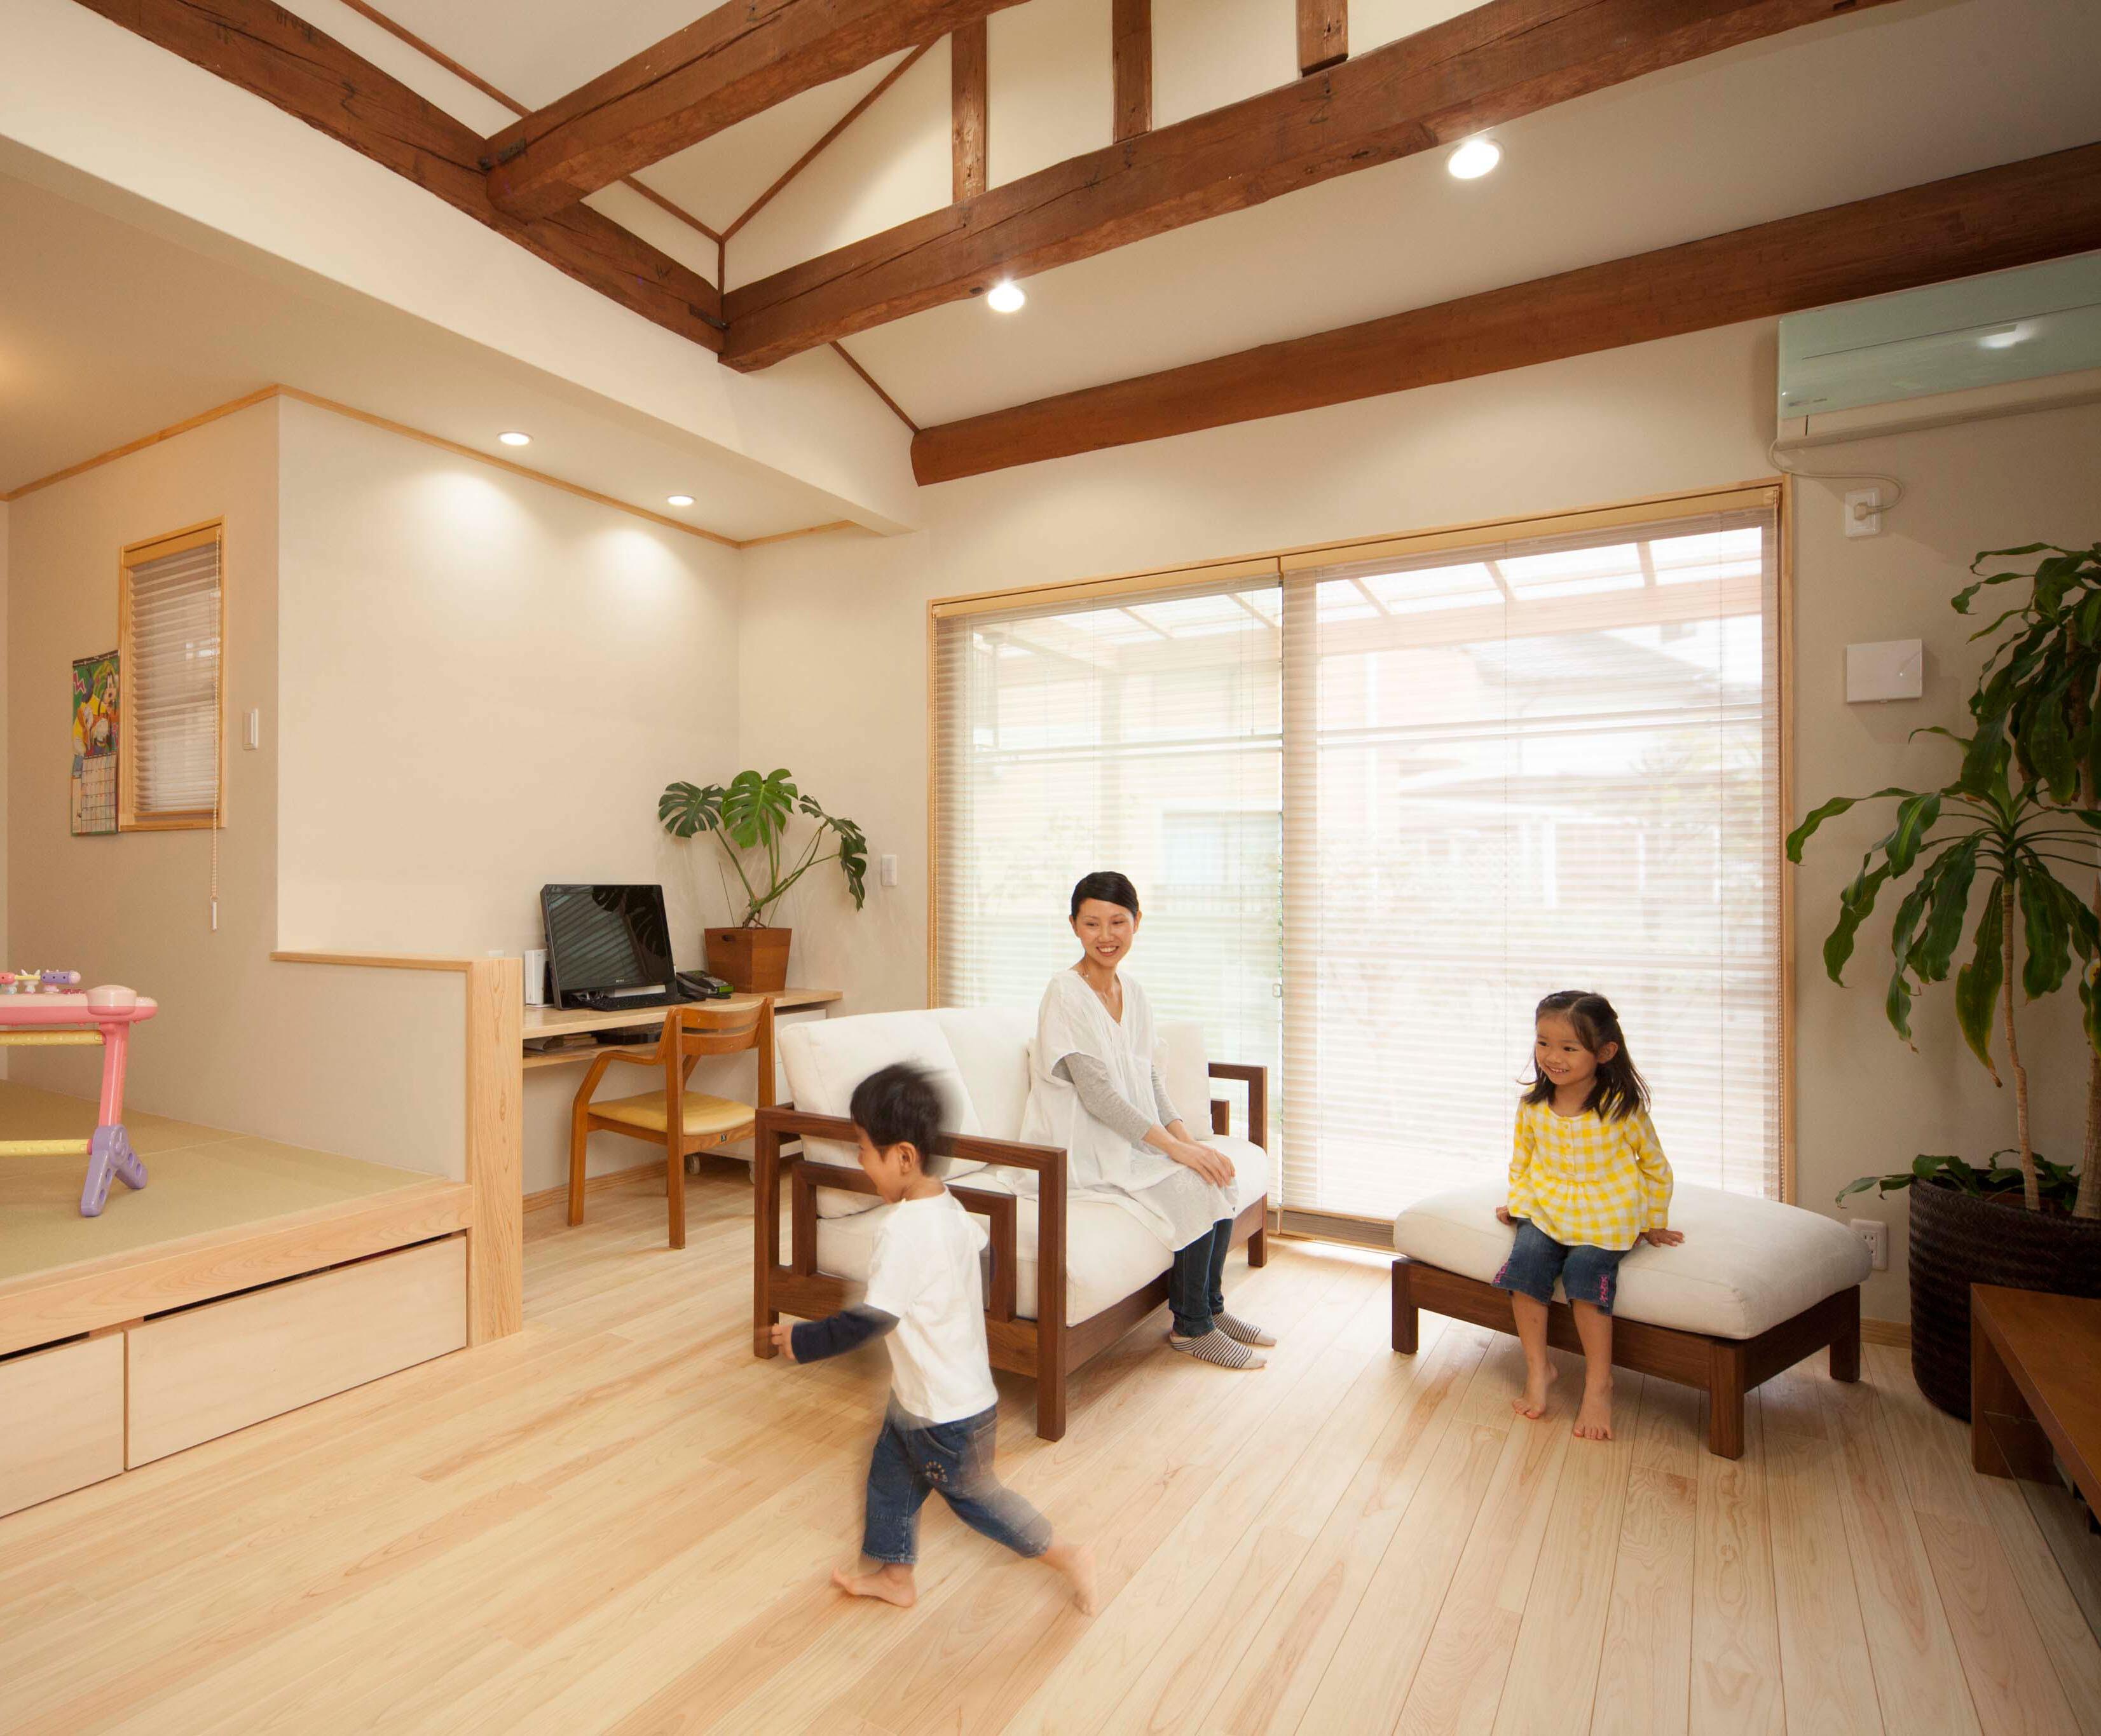 子供の笑顔が輝く自然素材のぬくもり包まれる家株式会社マリナ